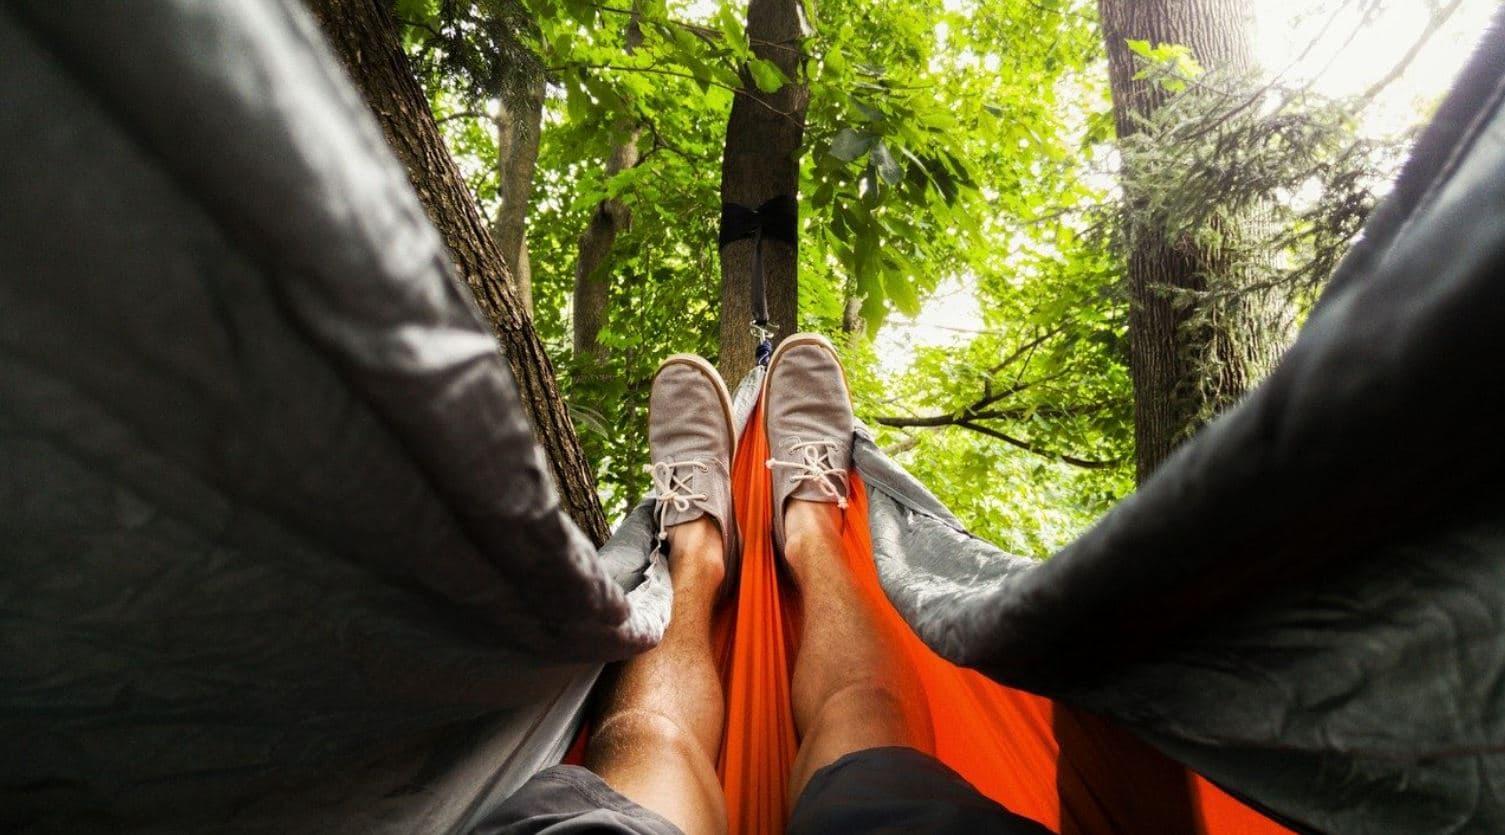 Dormir al aire libre y fresco con una hamaca